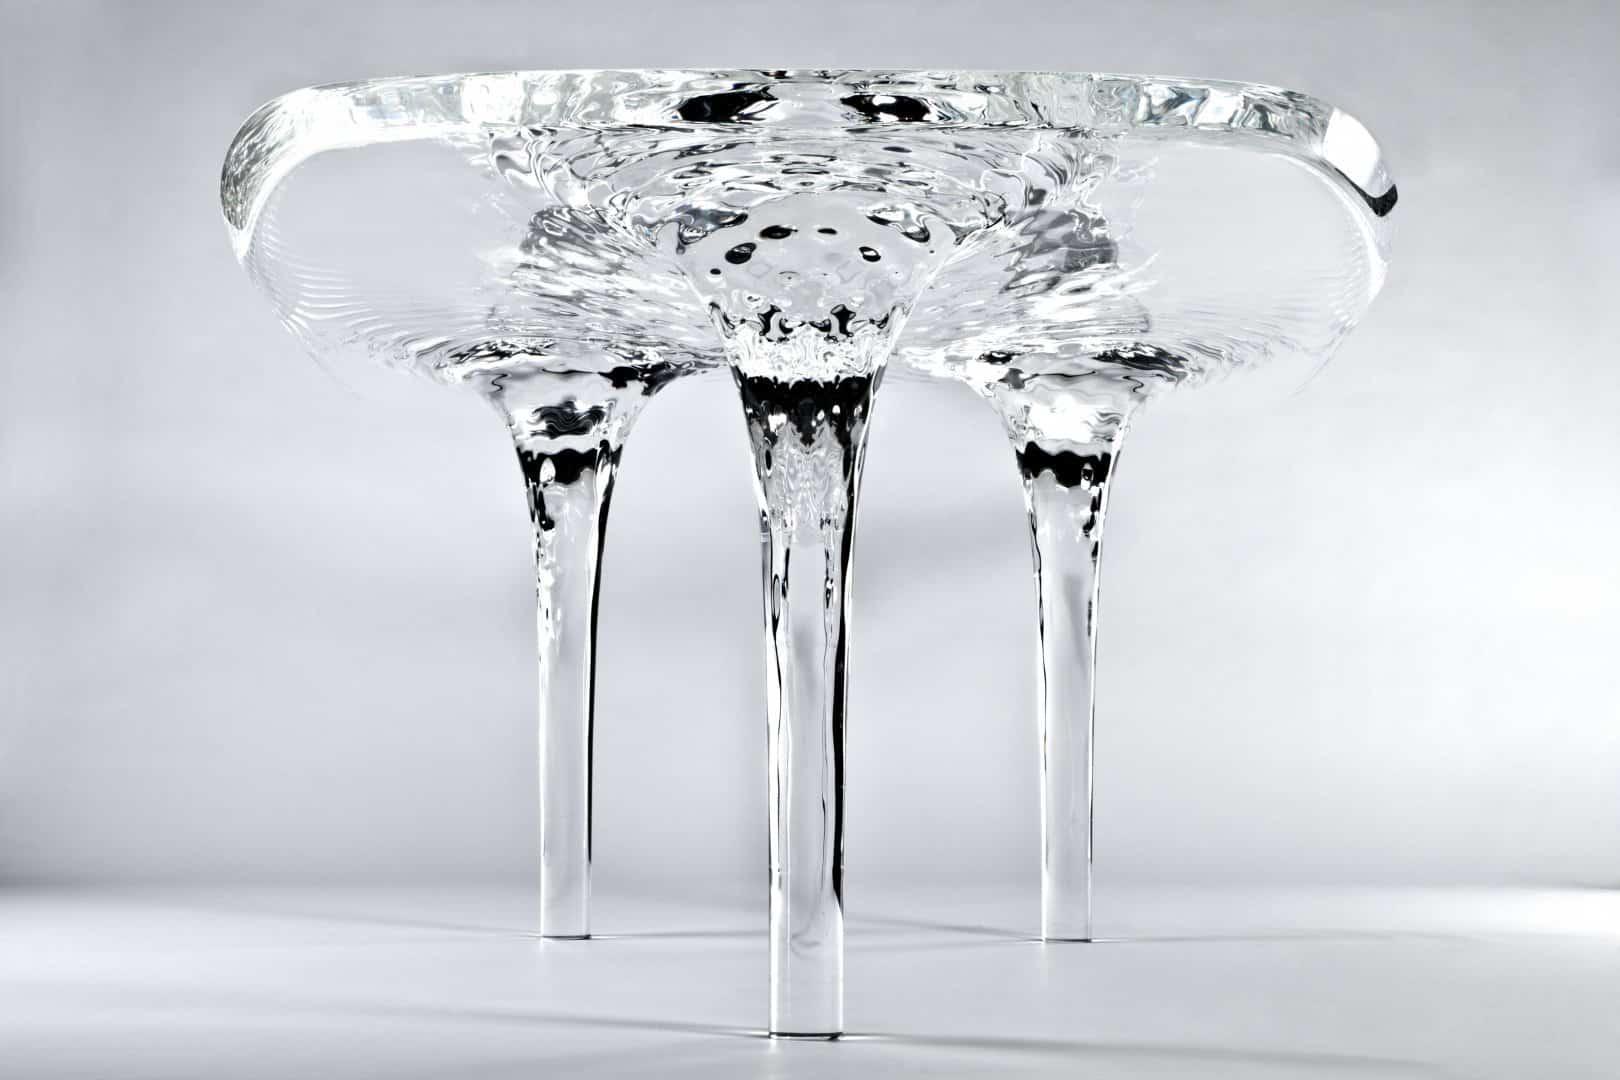 Zaha Hadid Product Design - Liquid Glacial Table - photobyjacopospilimbergo_013399